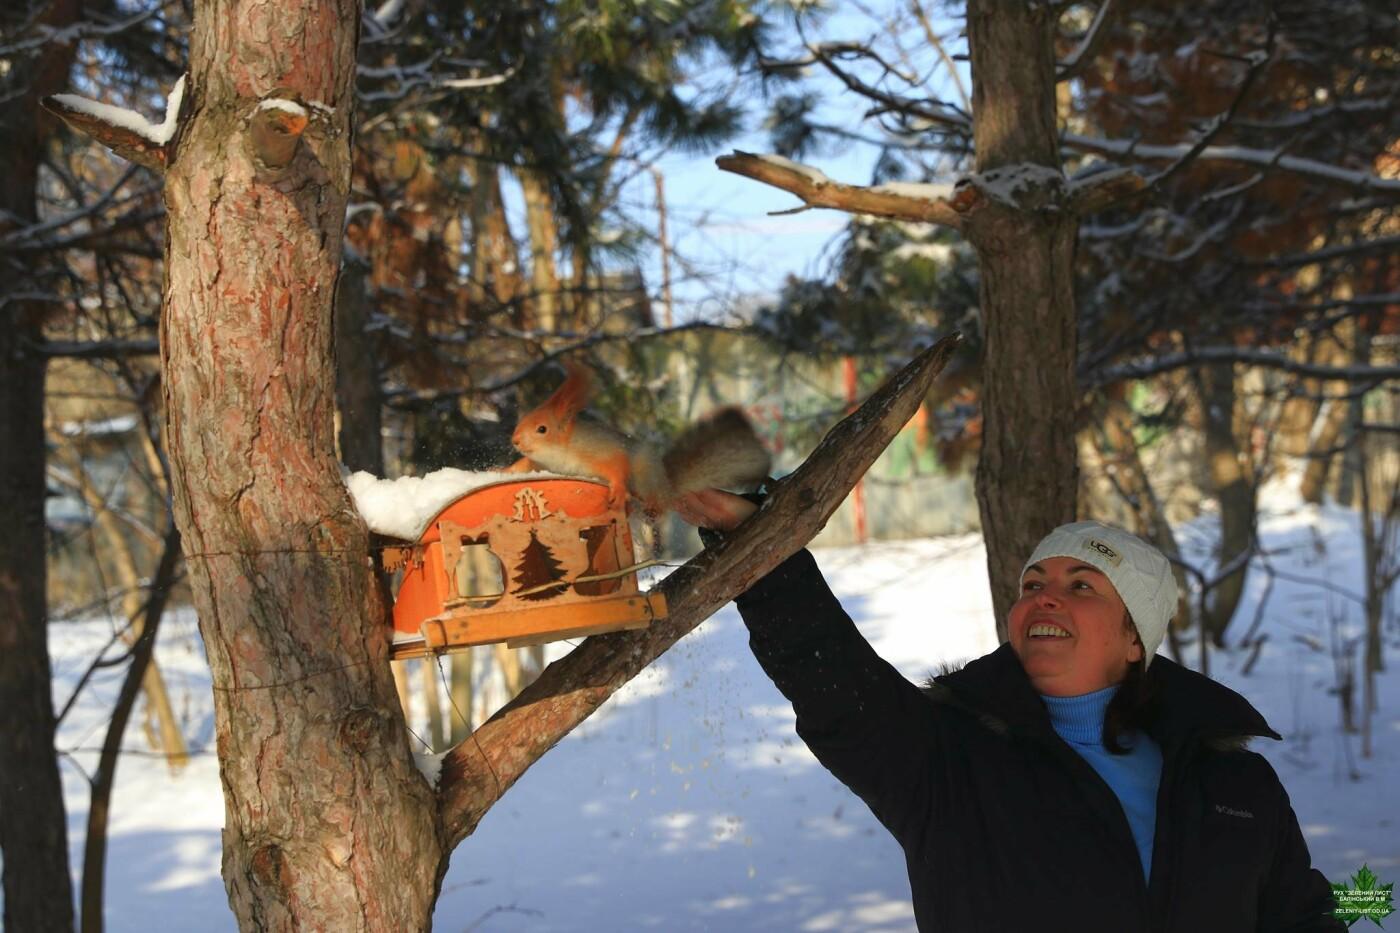 Одессит показал зиму в парке Победы, - ФОТО, фото-3, Фото: Владислав Балинский